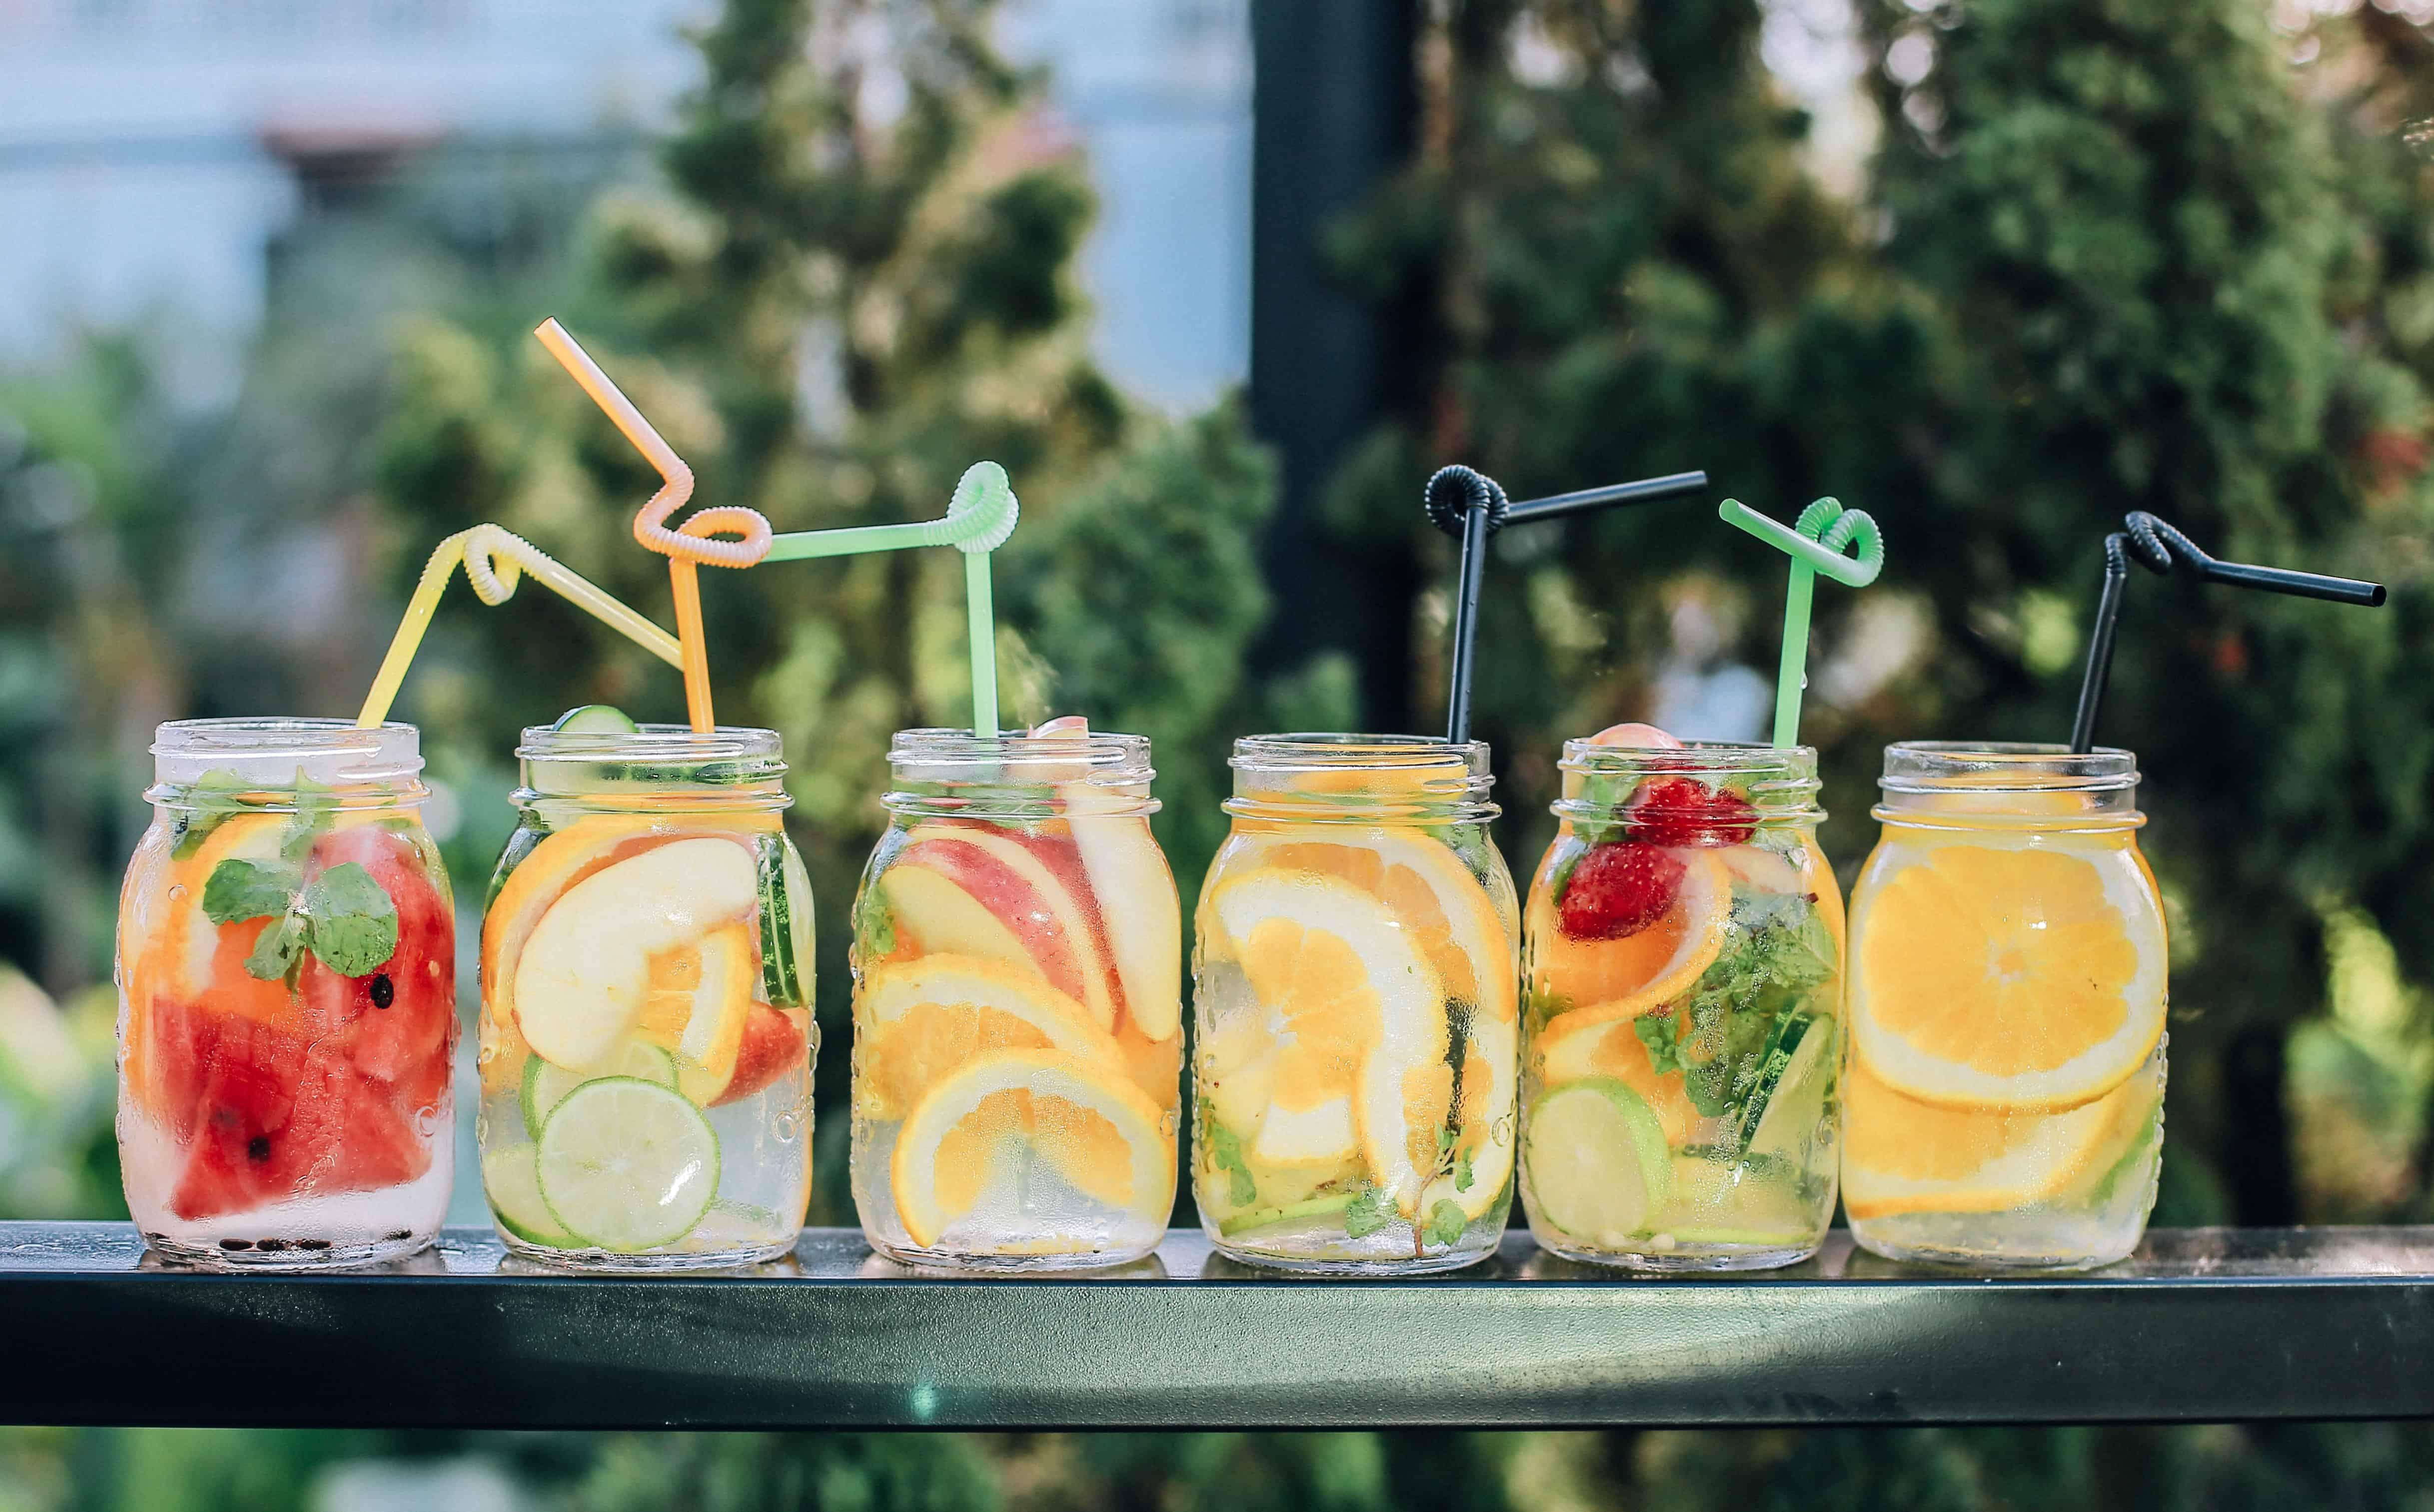 Sechs Einmachgläser mit Früchten aromatisiertem Wasser und Strohalmen